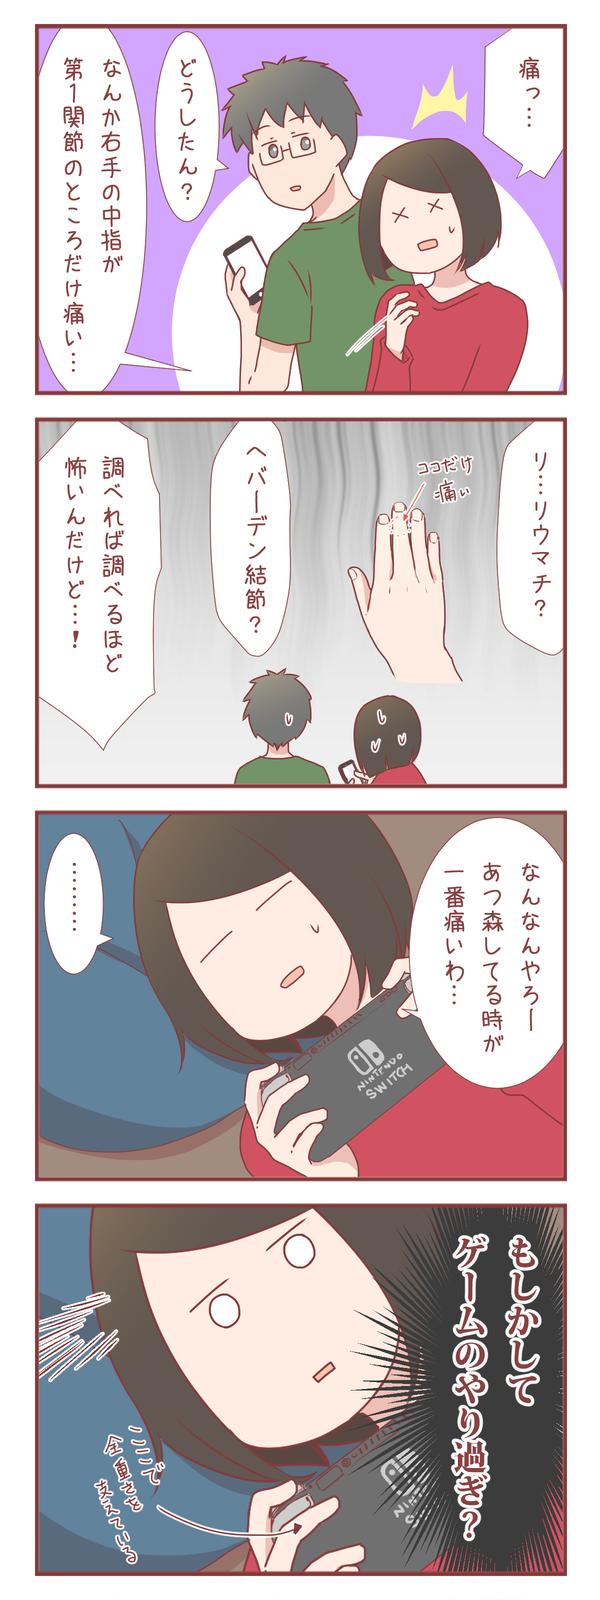 右手中指の謎の痛みの原因は…!?